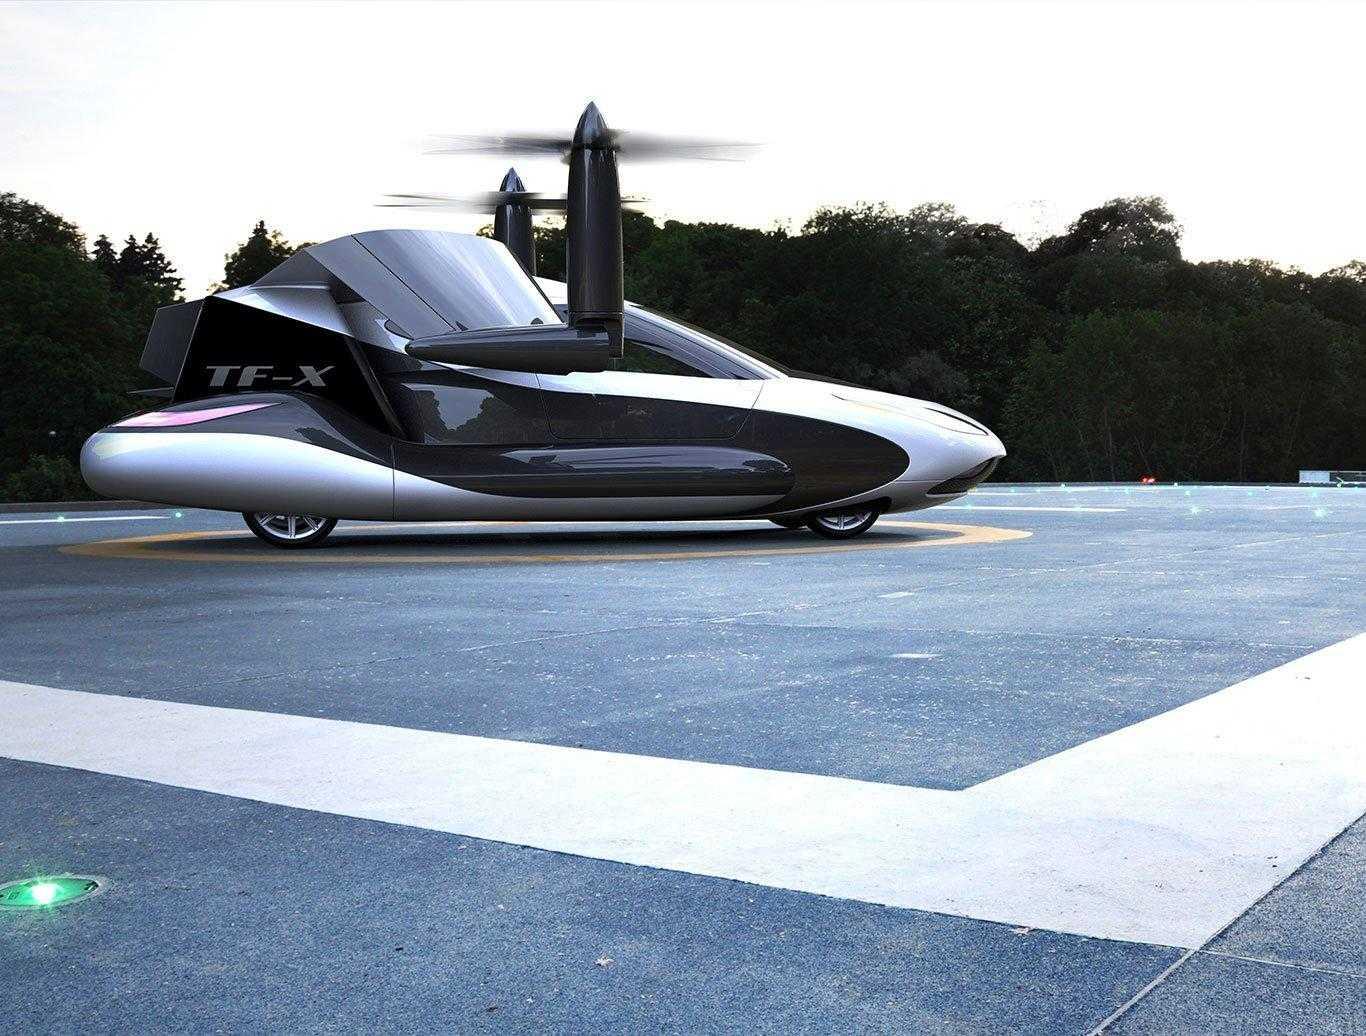 La prima auto volante sarà in vendita nel 2019 (dice il produttore)